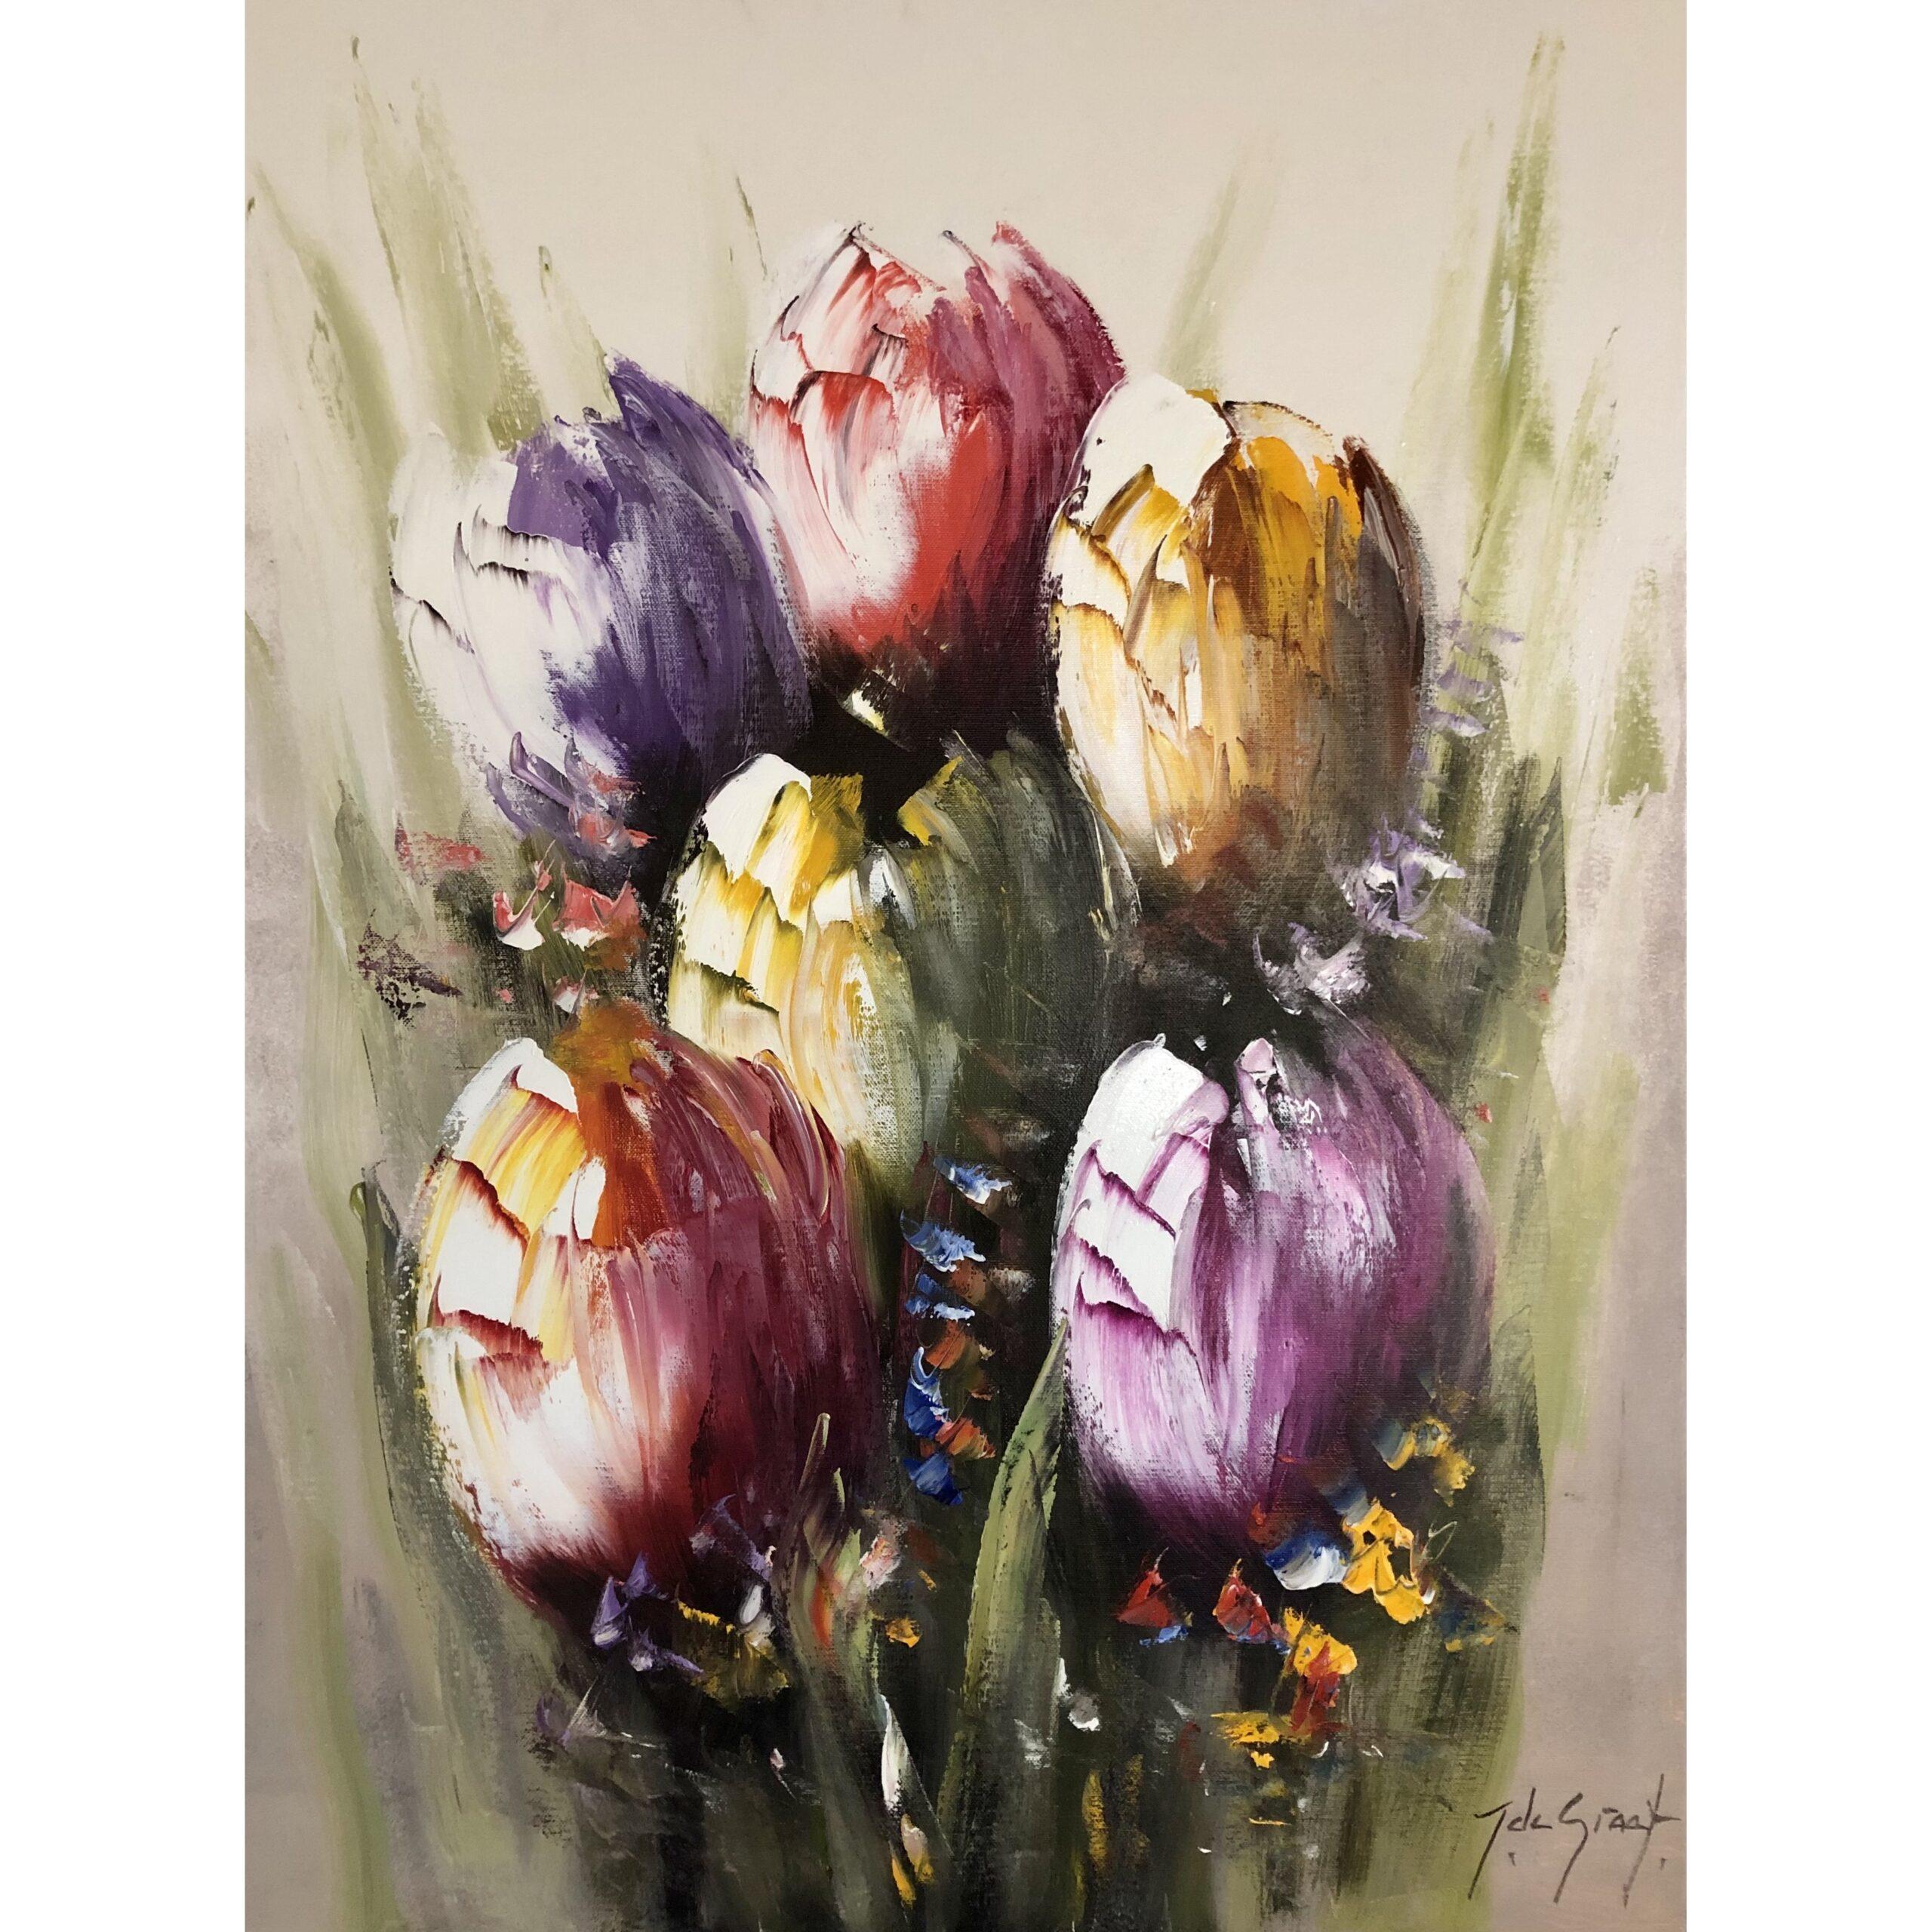 Jochem de Graaf schilderij 'Tulips III'